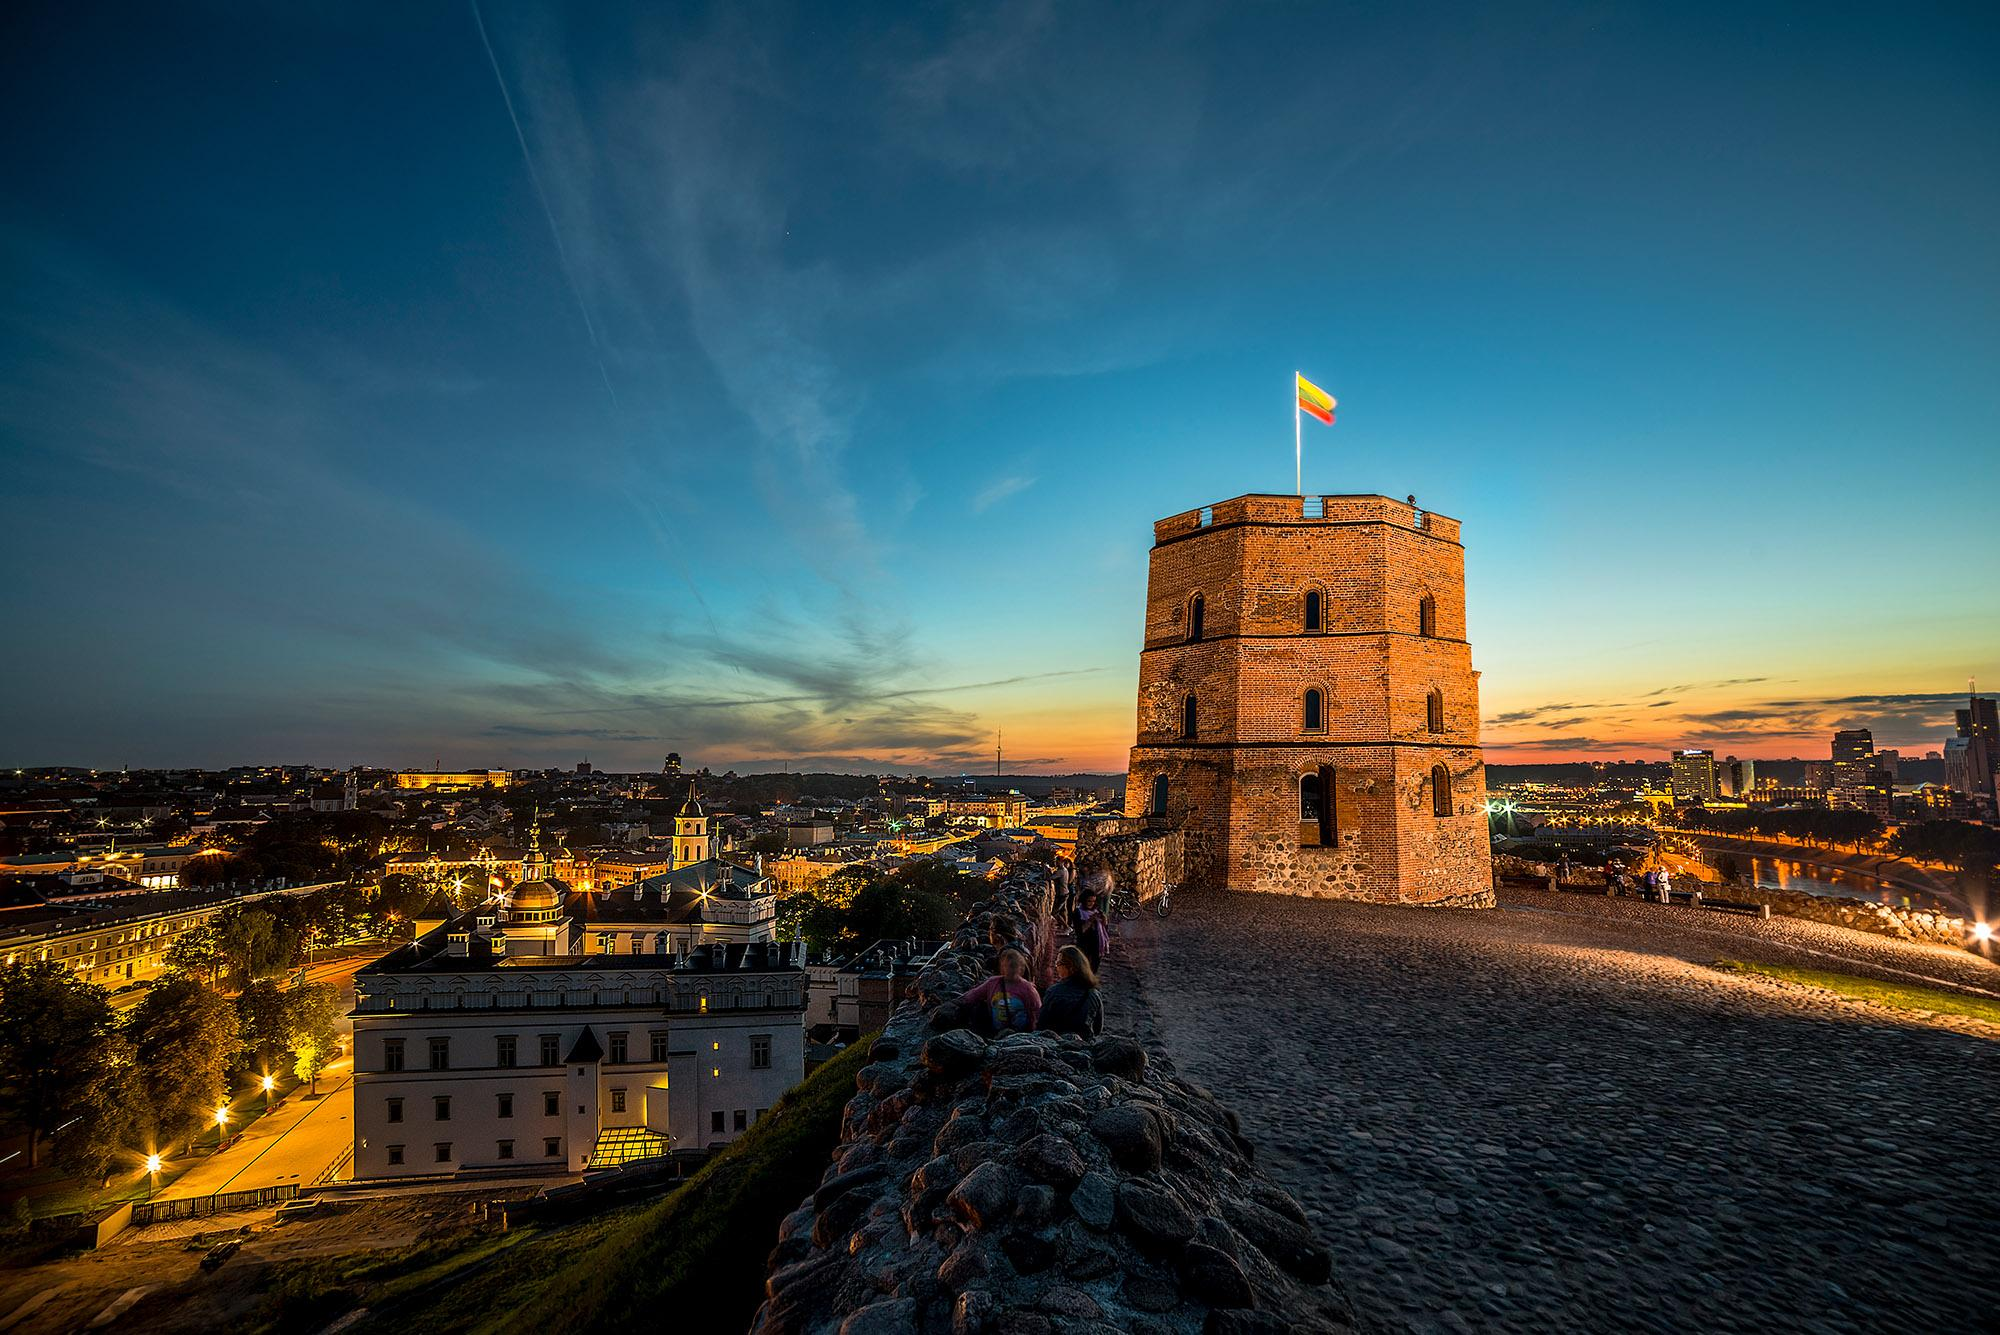 Gediminas tower is Vilnius's calling-card symbol. - © Laimonas Čiunys / www.vilnius-tourism.lt